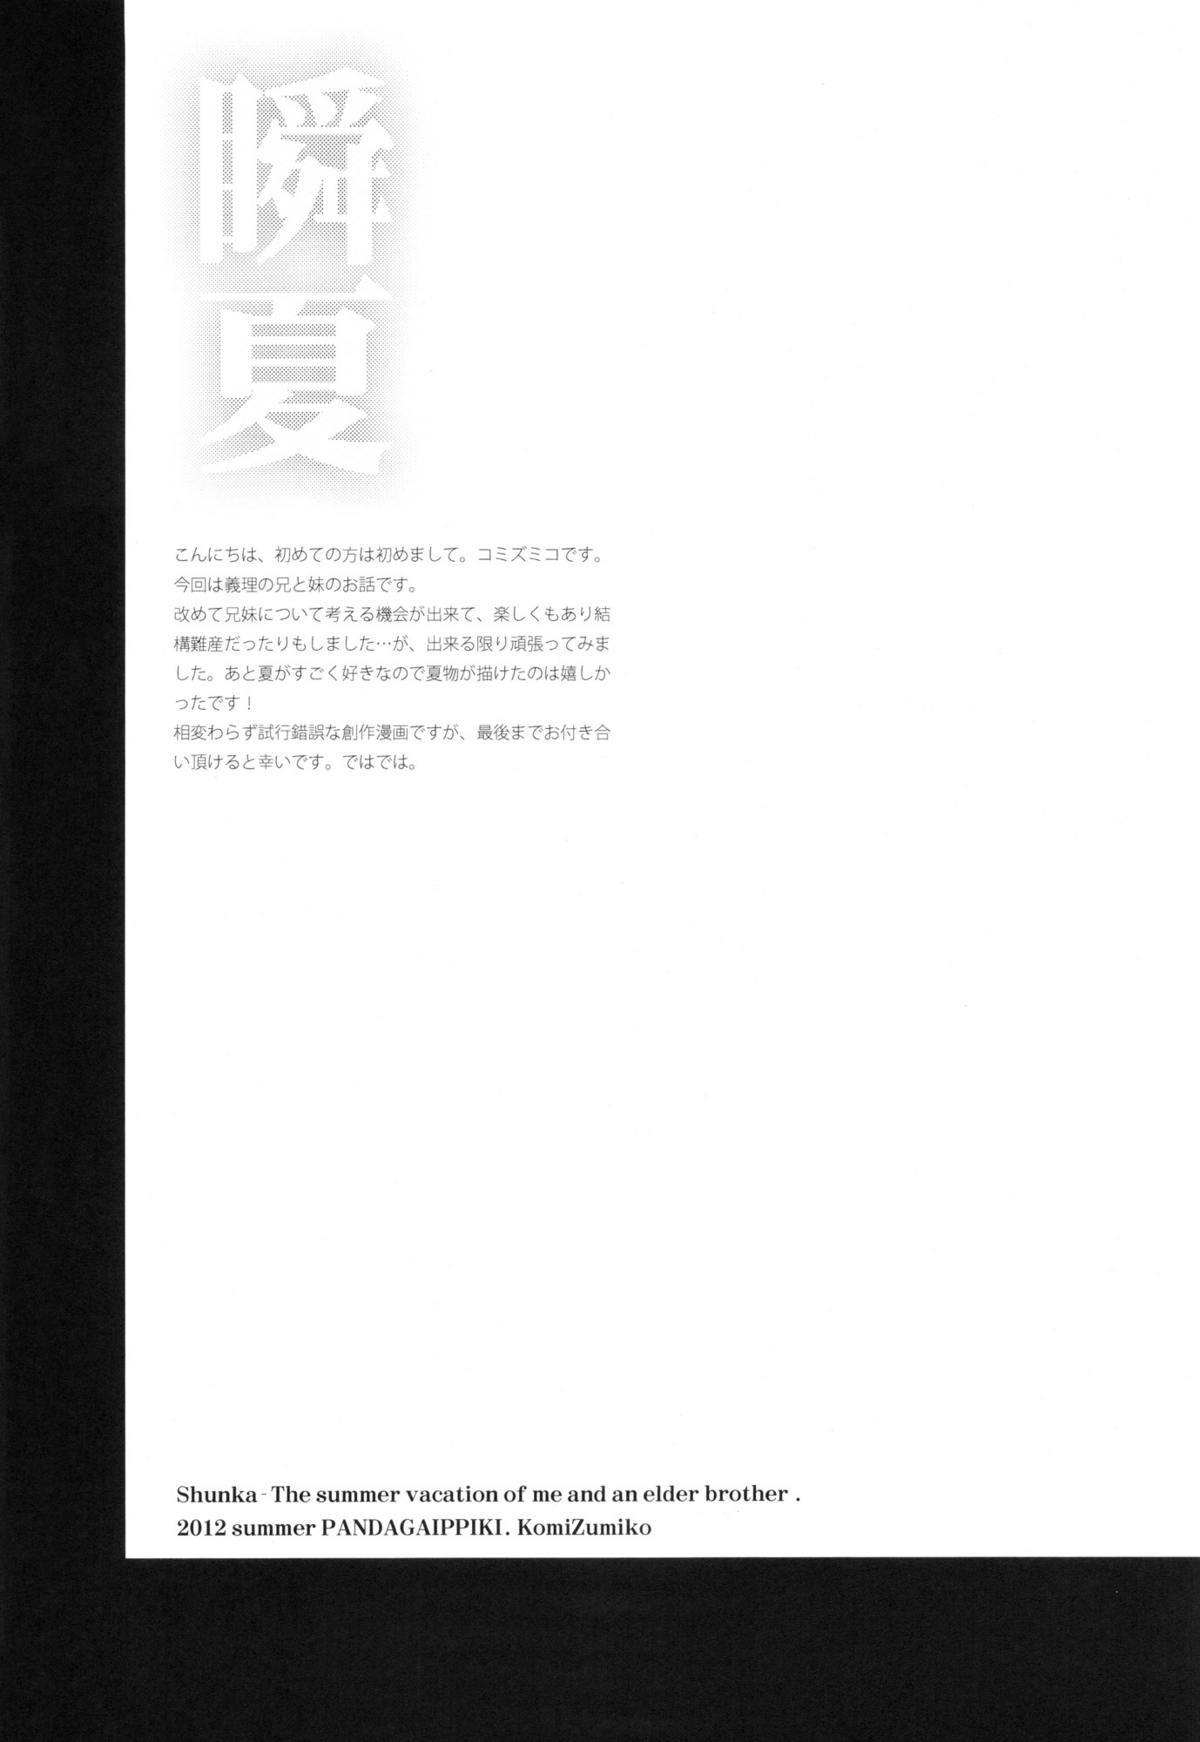 (C82) [Panda ga Ippiki. (Komizu Miko)] Shunka - Watashi to Ani no Natsuyasumi | One Second of Summer - My Brother's and My Summer Vacation [English] [RedBlueGreen] 3